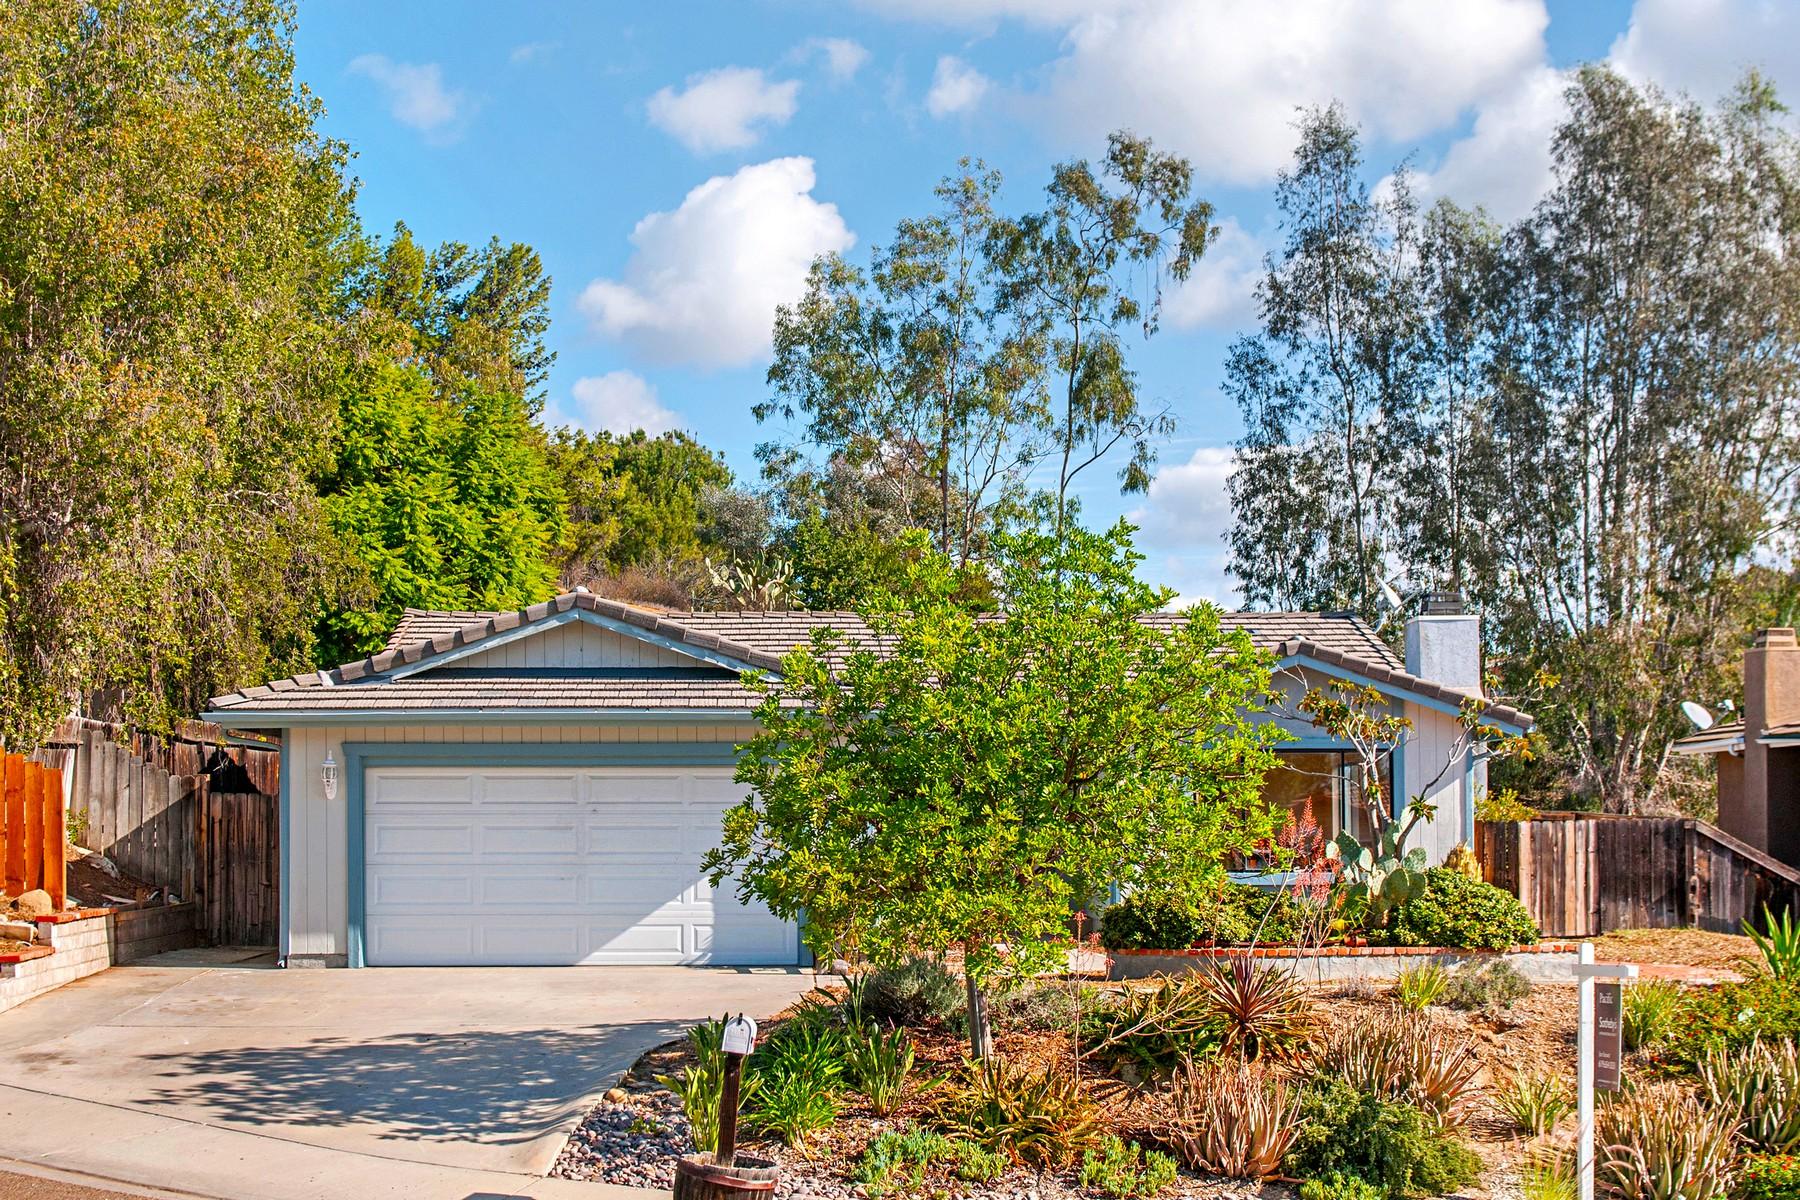 獨棟家庭住宅 為 出售 在 12460 Skyhigh 12460 Skyhigh Court El Cajon, 加利福尼亞州 92021 美國